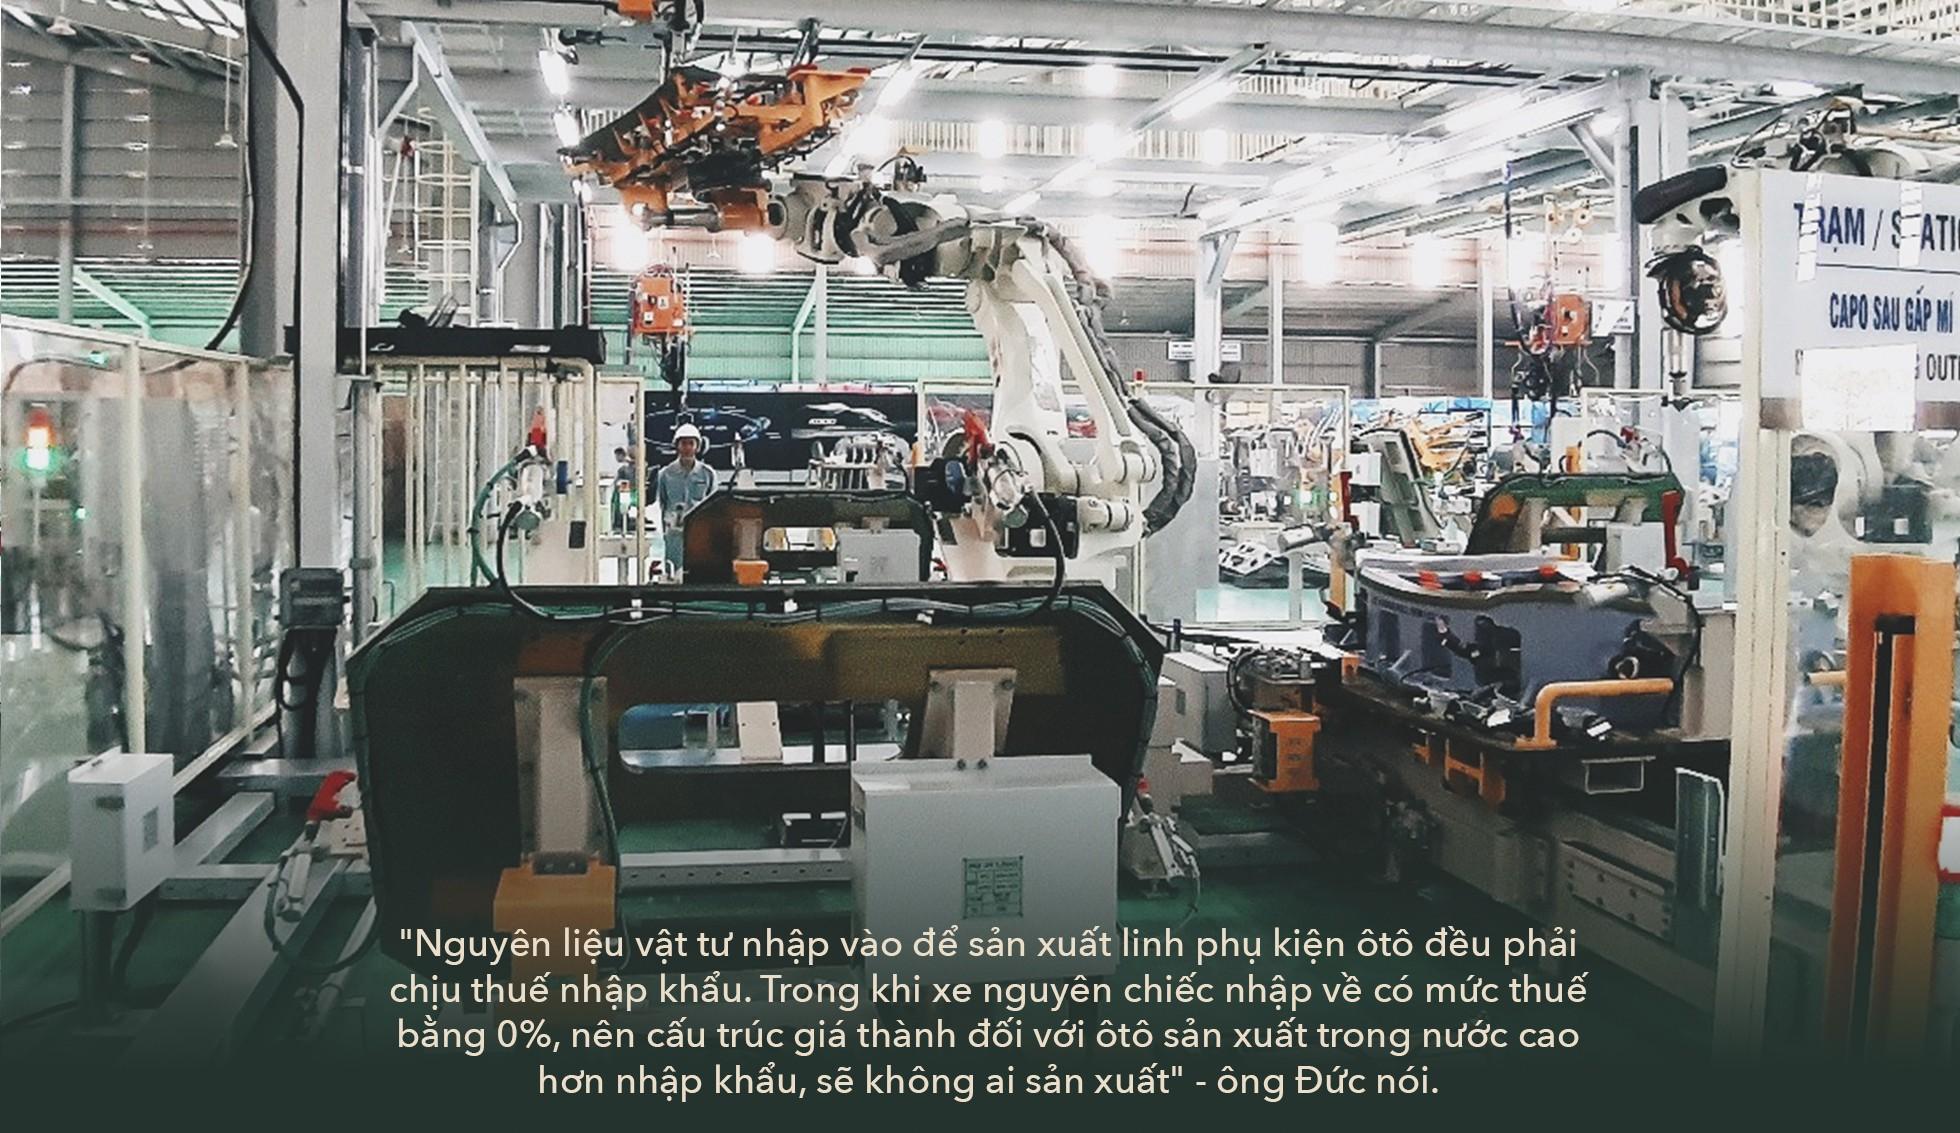 Công nghiệp hỗ trợ cho xe hơi: Trông người Thái mà ngẫm đến ta - Ảnh 5.